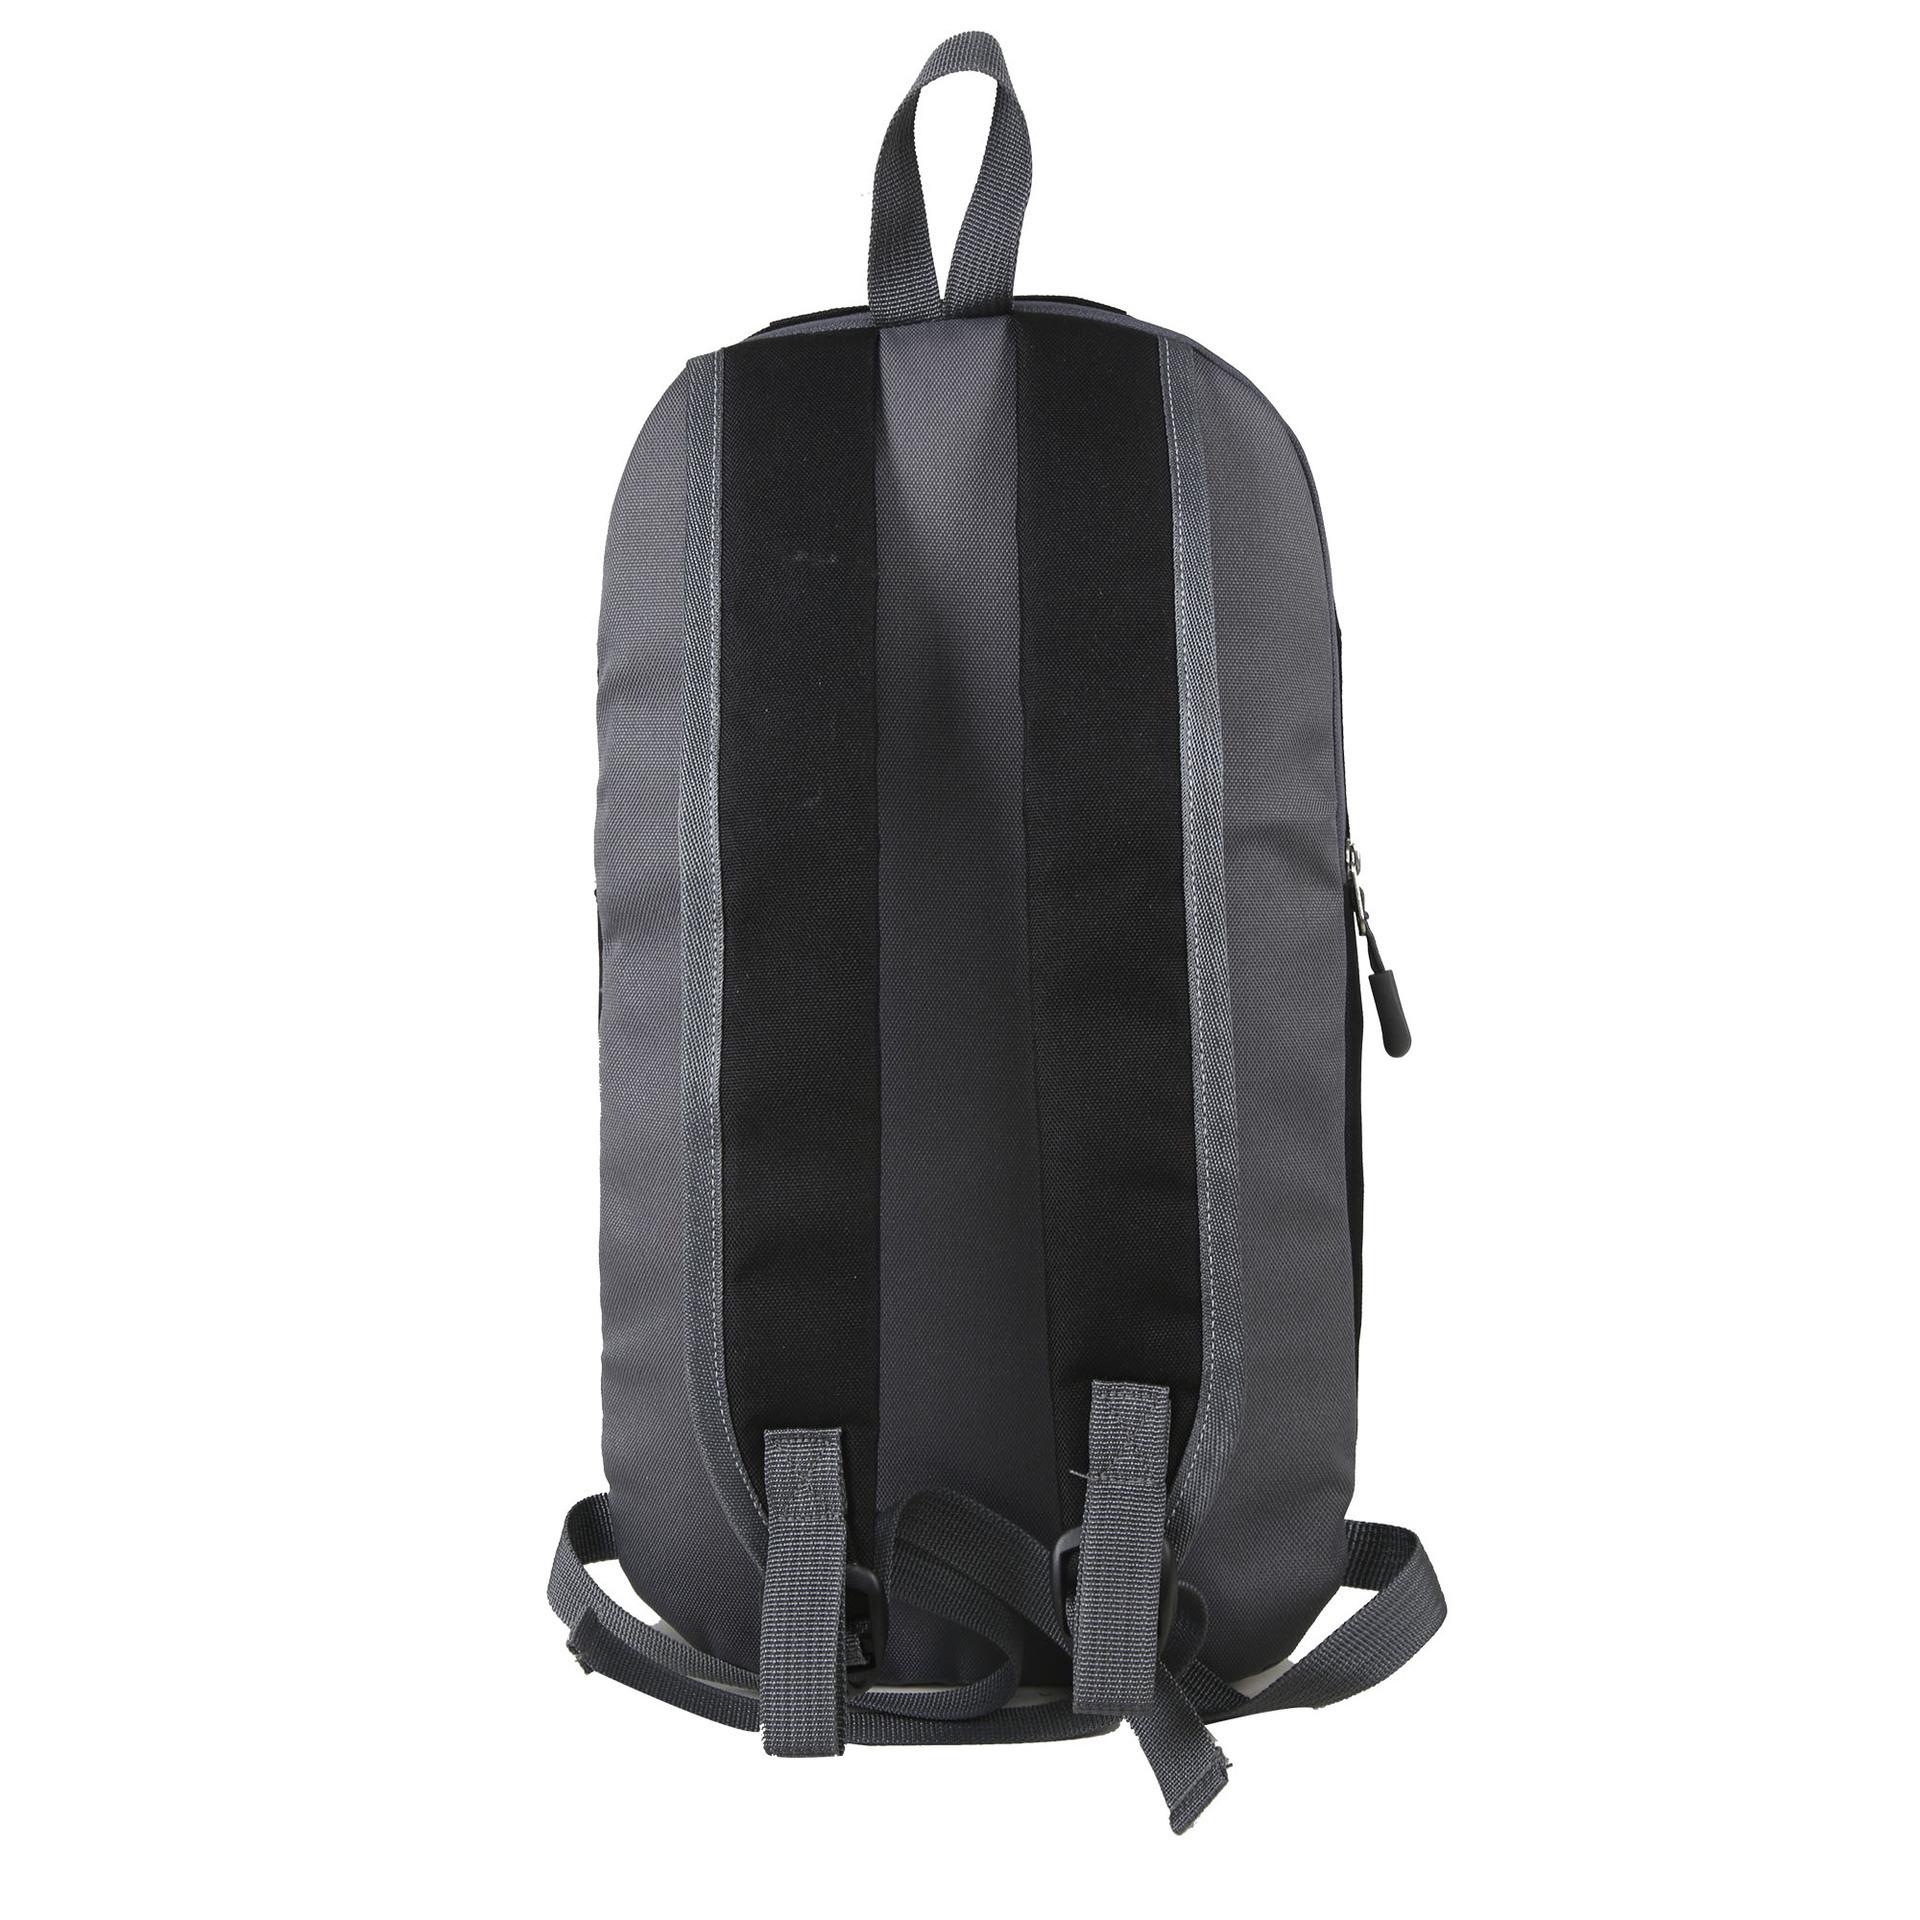 sportivnyj rjukzak s logotipom na zakaz flytrip 22 - Спортивный рюкзак с логотипом (на заказ) FlyTrip: 20 л, нейлон 300D/ 600D